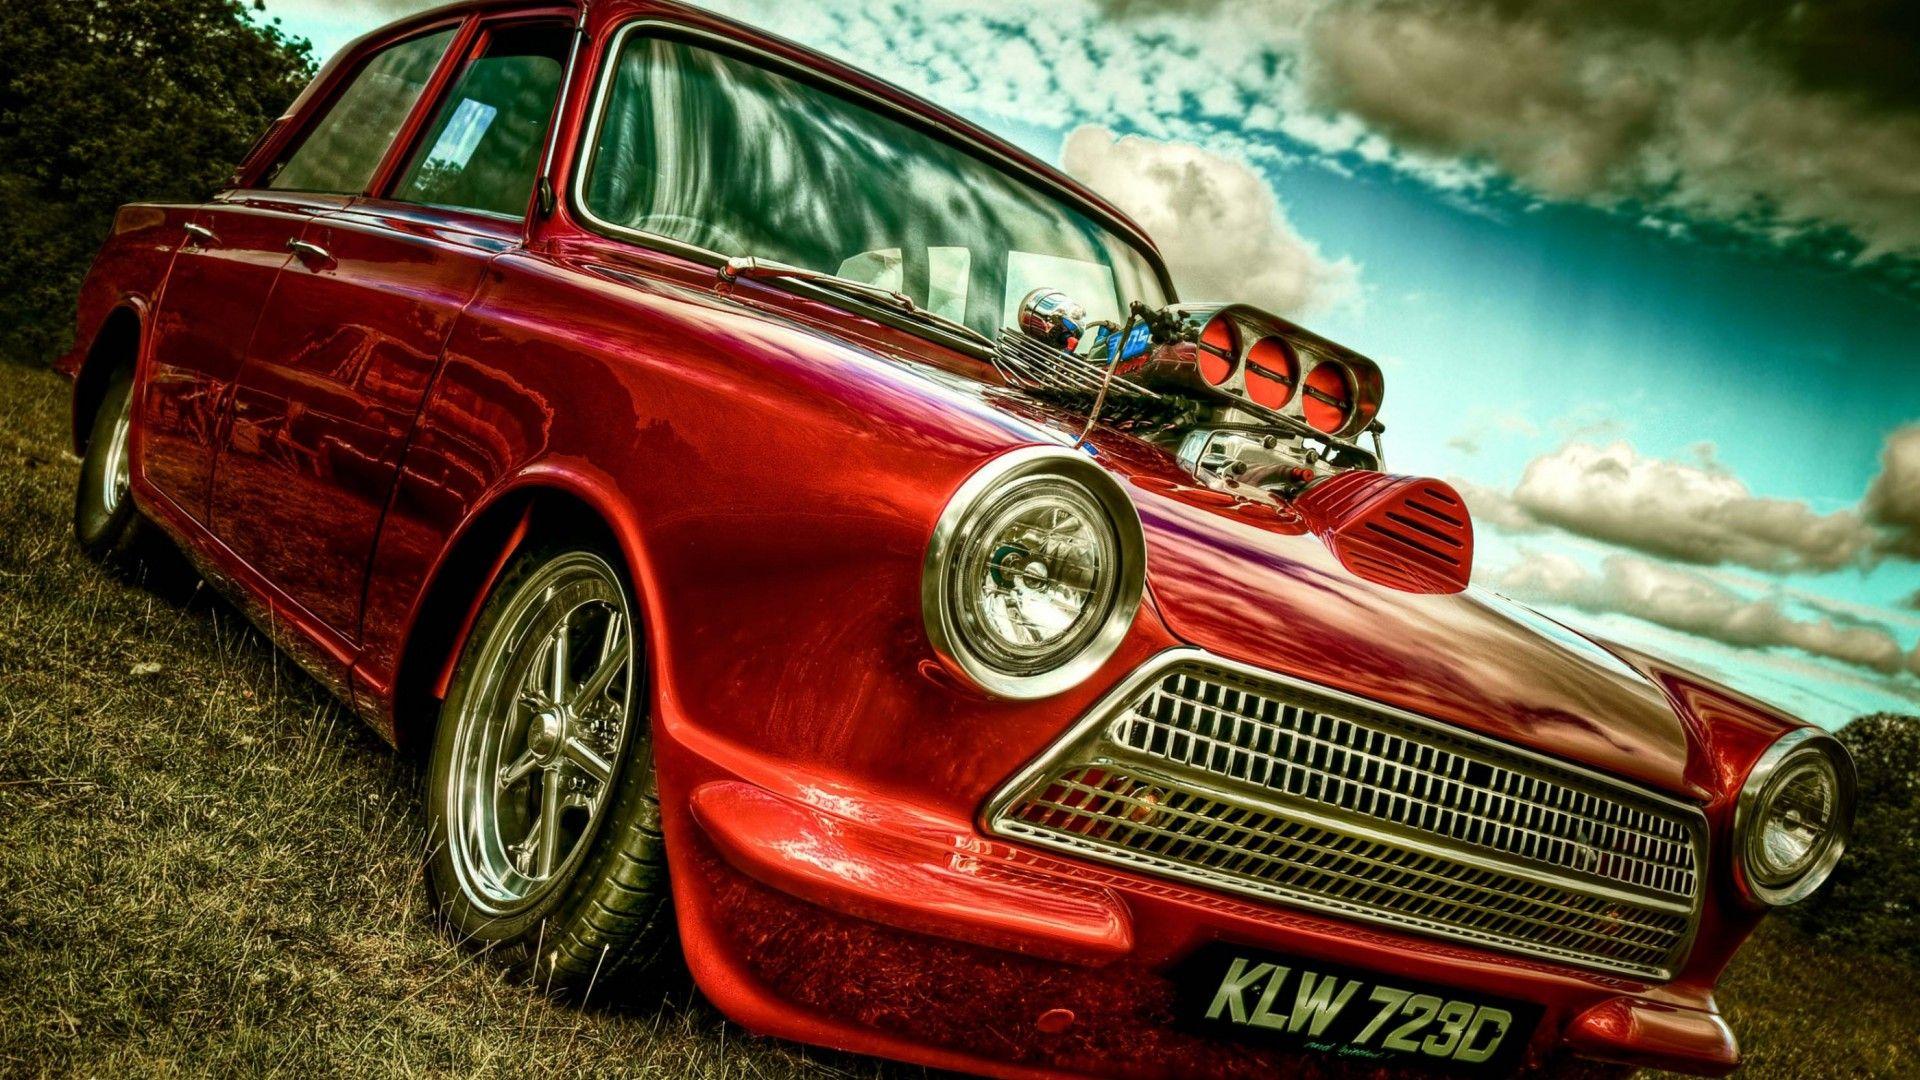 1920 X 1080 Car background hd